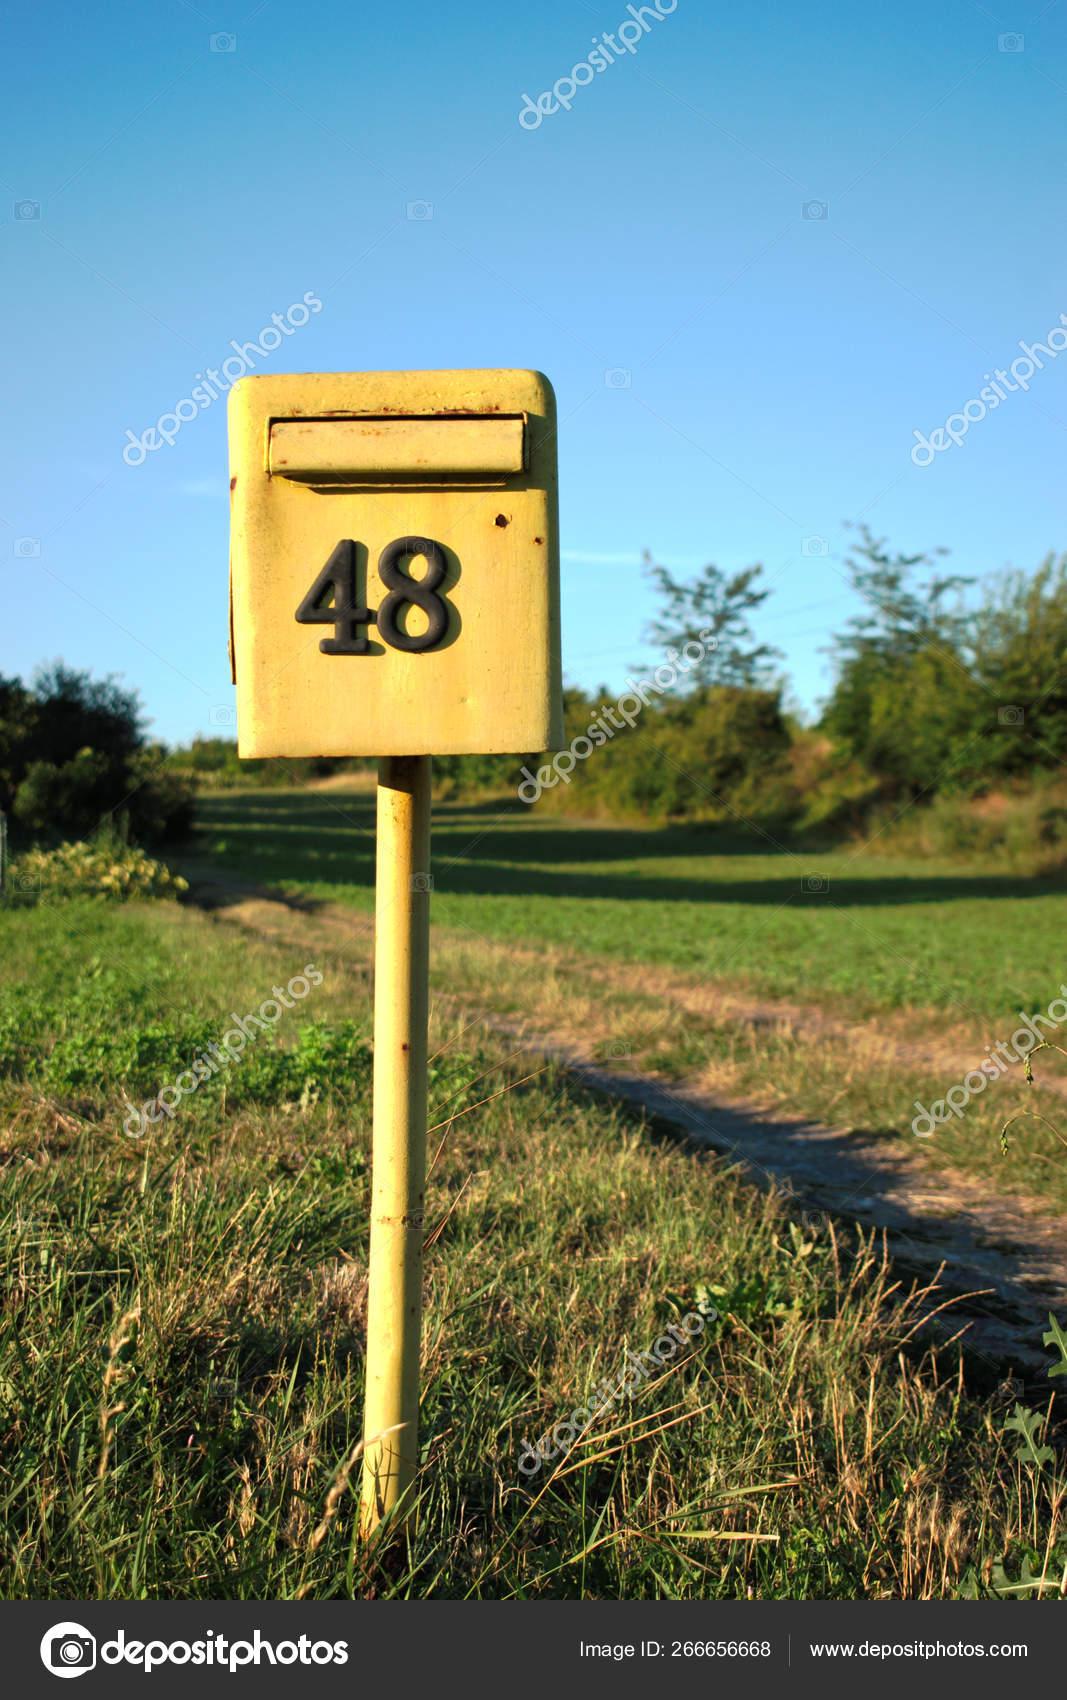 тенденция желтые почтовые ящики в барселоне фото очаровательные зверьки всей